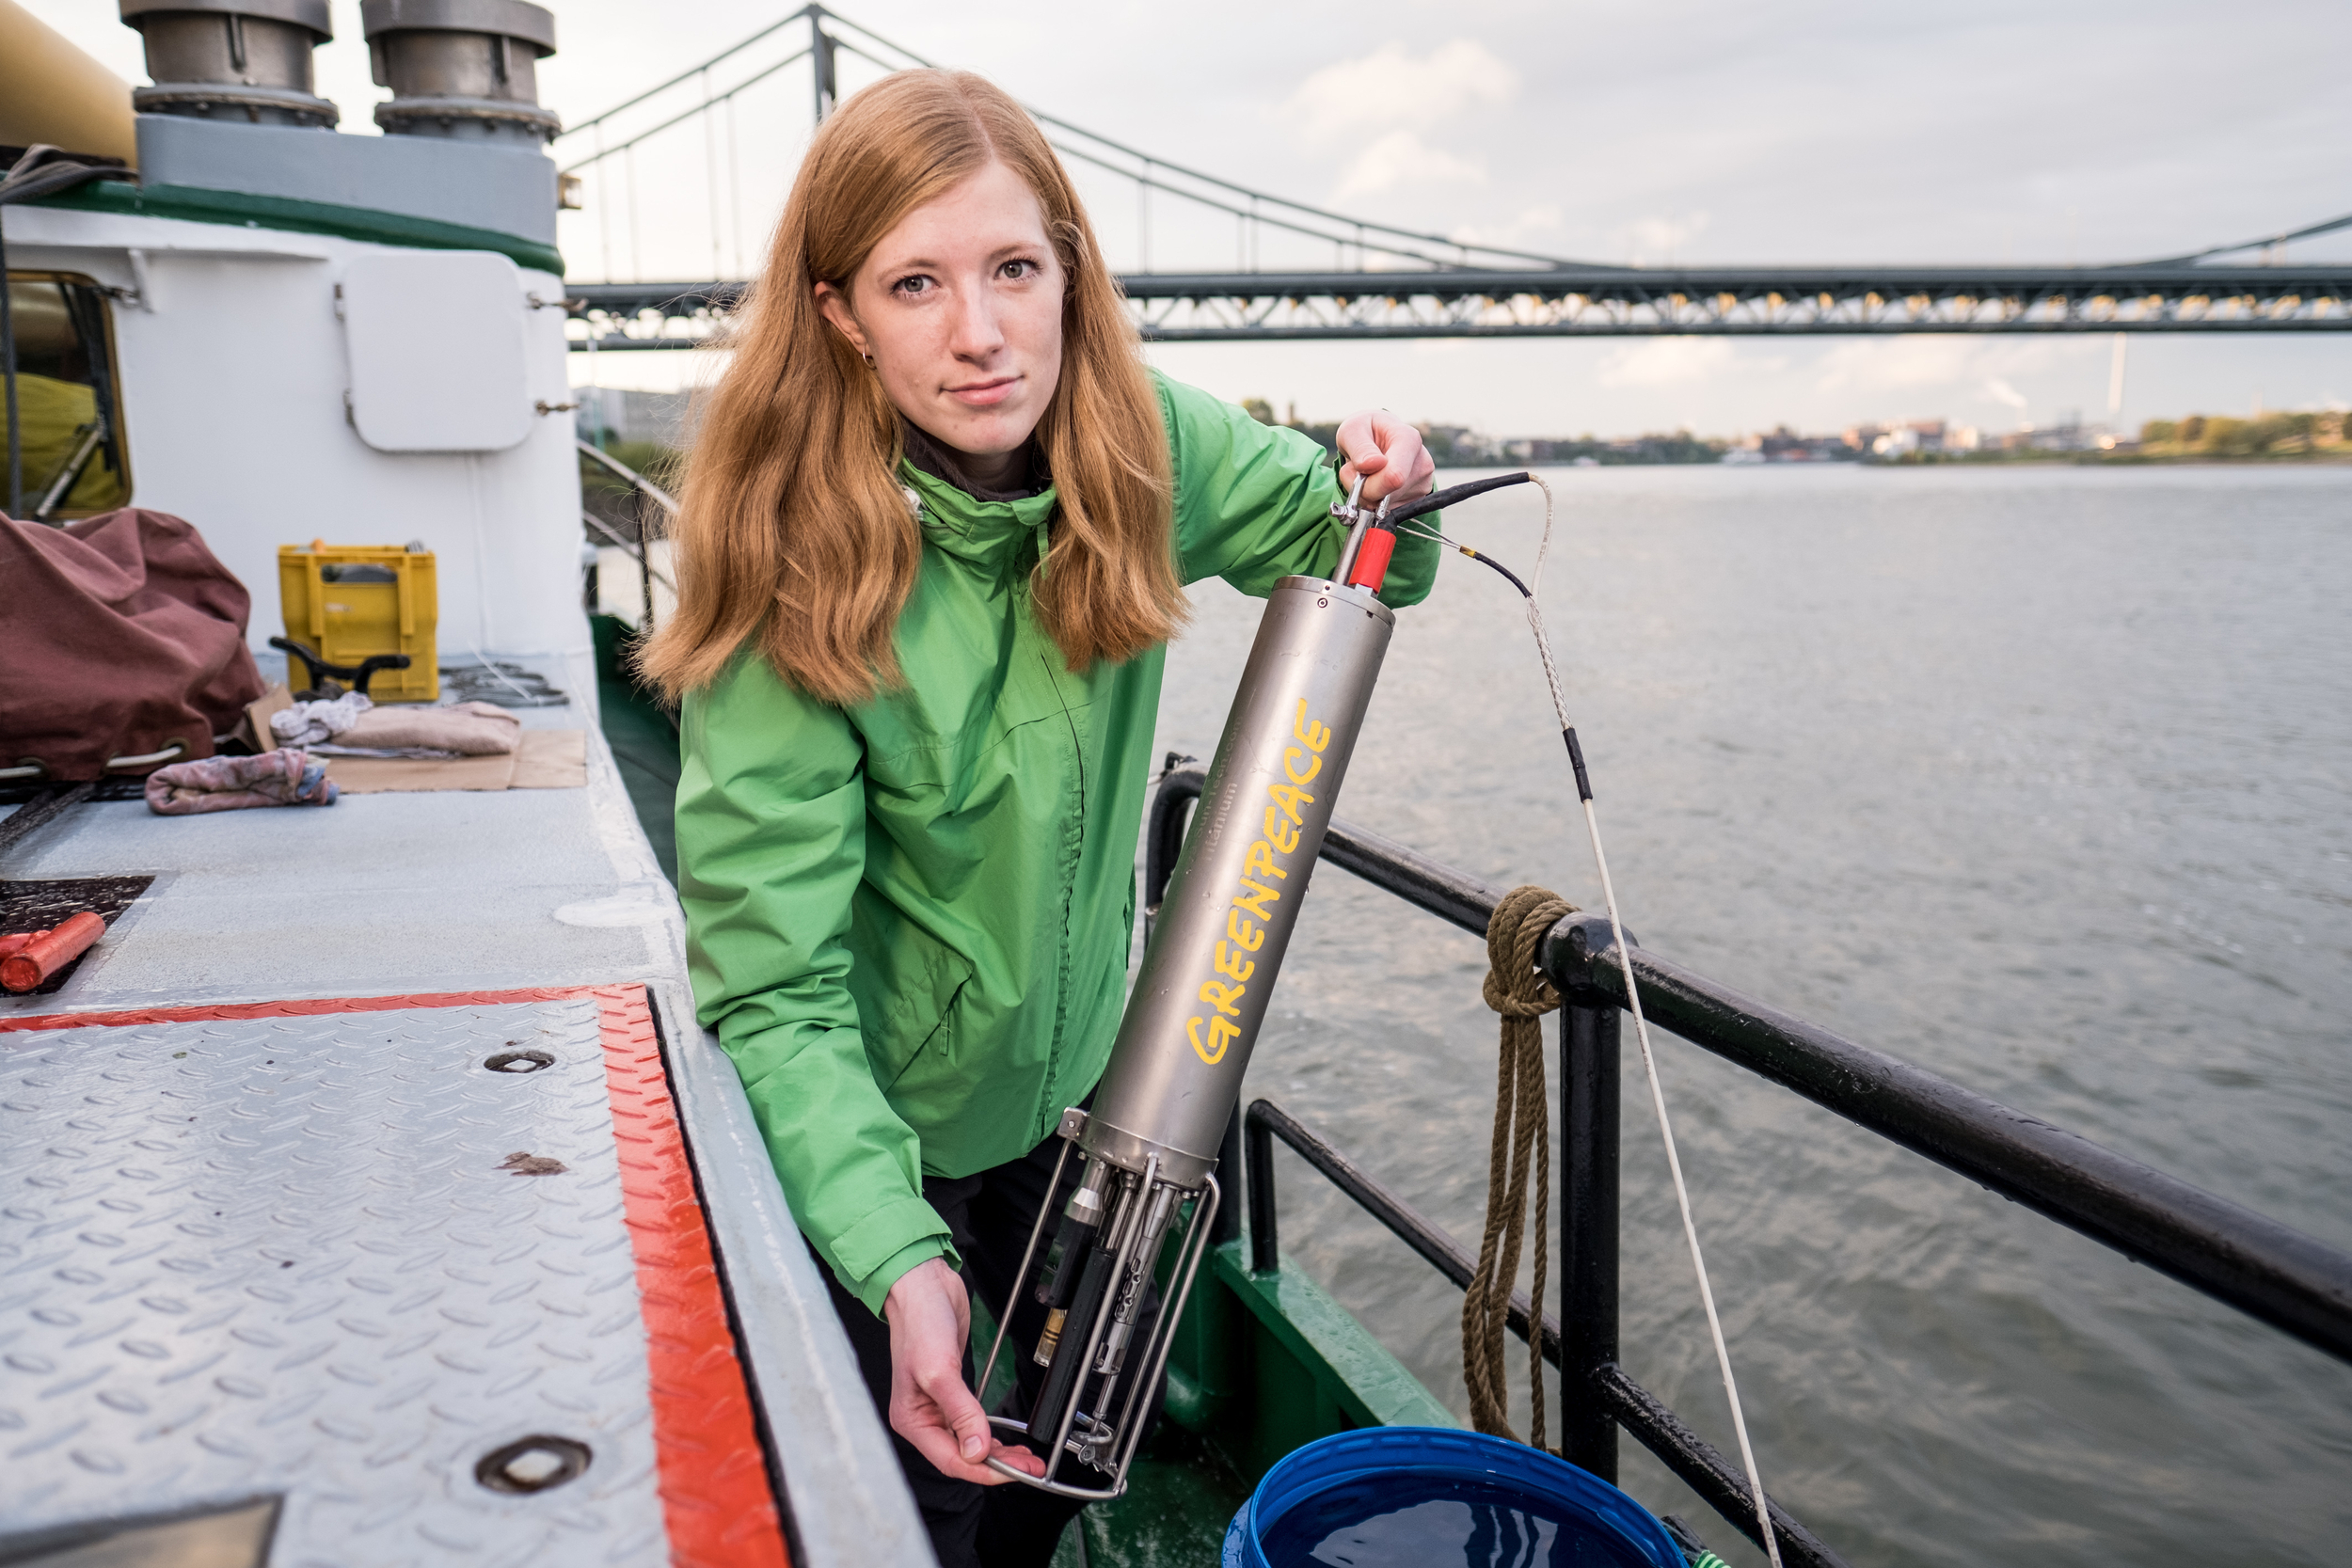 Mit dem Aktionsschiff Beluga II untersucht Greenpeace die Verschmutzung mit Mikroplastik im Rhein zwischen Duisburg und Koblenz. Wissenschaftler und Wissenschaftlerinnen nehmen Wasserproben und Sedimentproben, sieben Mikroplastik aus und analysieren dieses auf die chemische Zusammensetzung in einem Labor auf dem Schiff. Nahe Krefeld machen Greenpeace Aktivisten eine 24 Stunden Messung mit einem Manta-Trawler ausgestatteten Schlauchbooten.